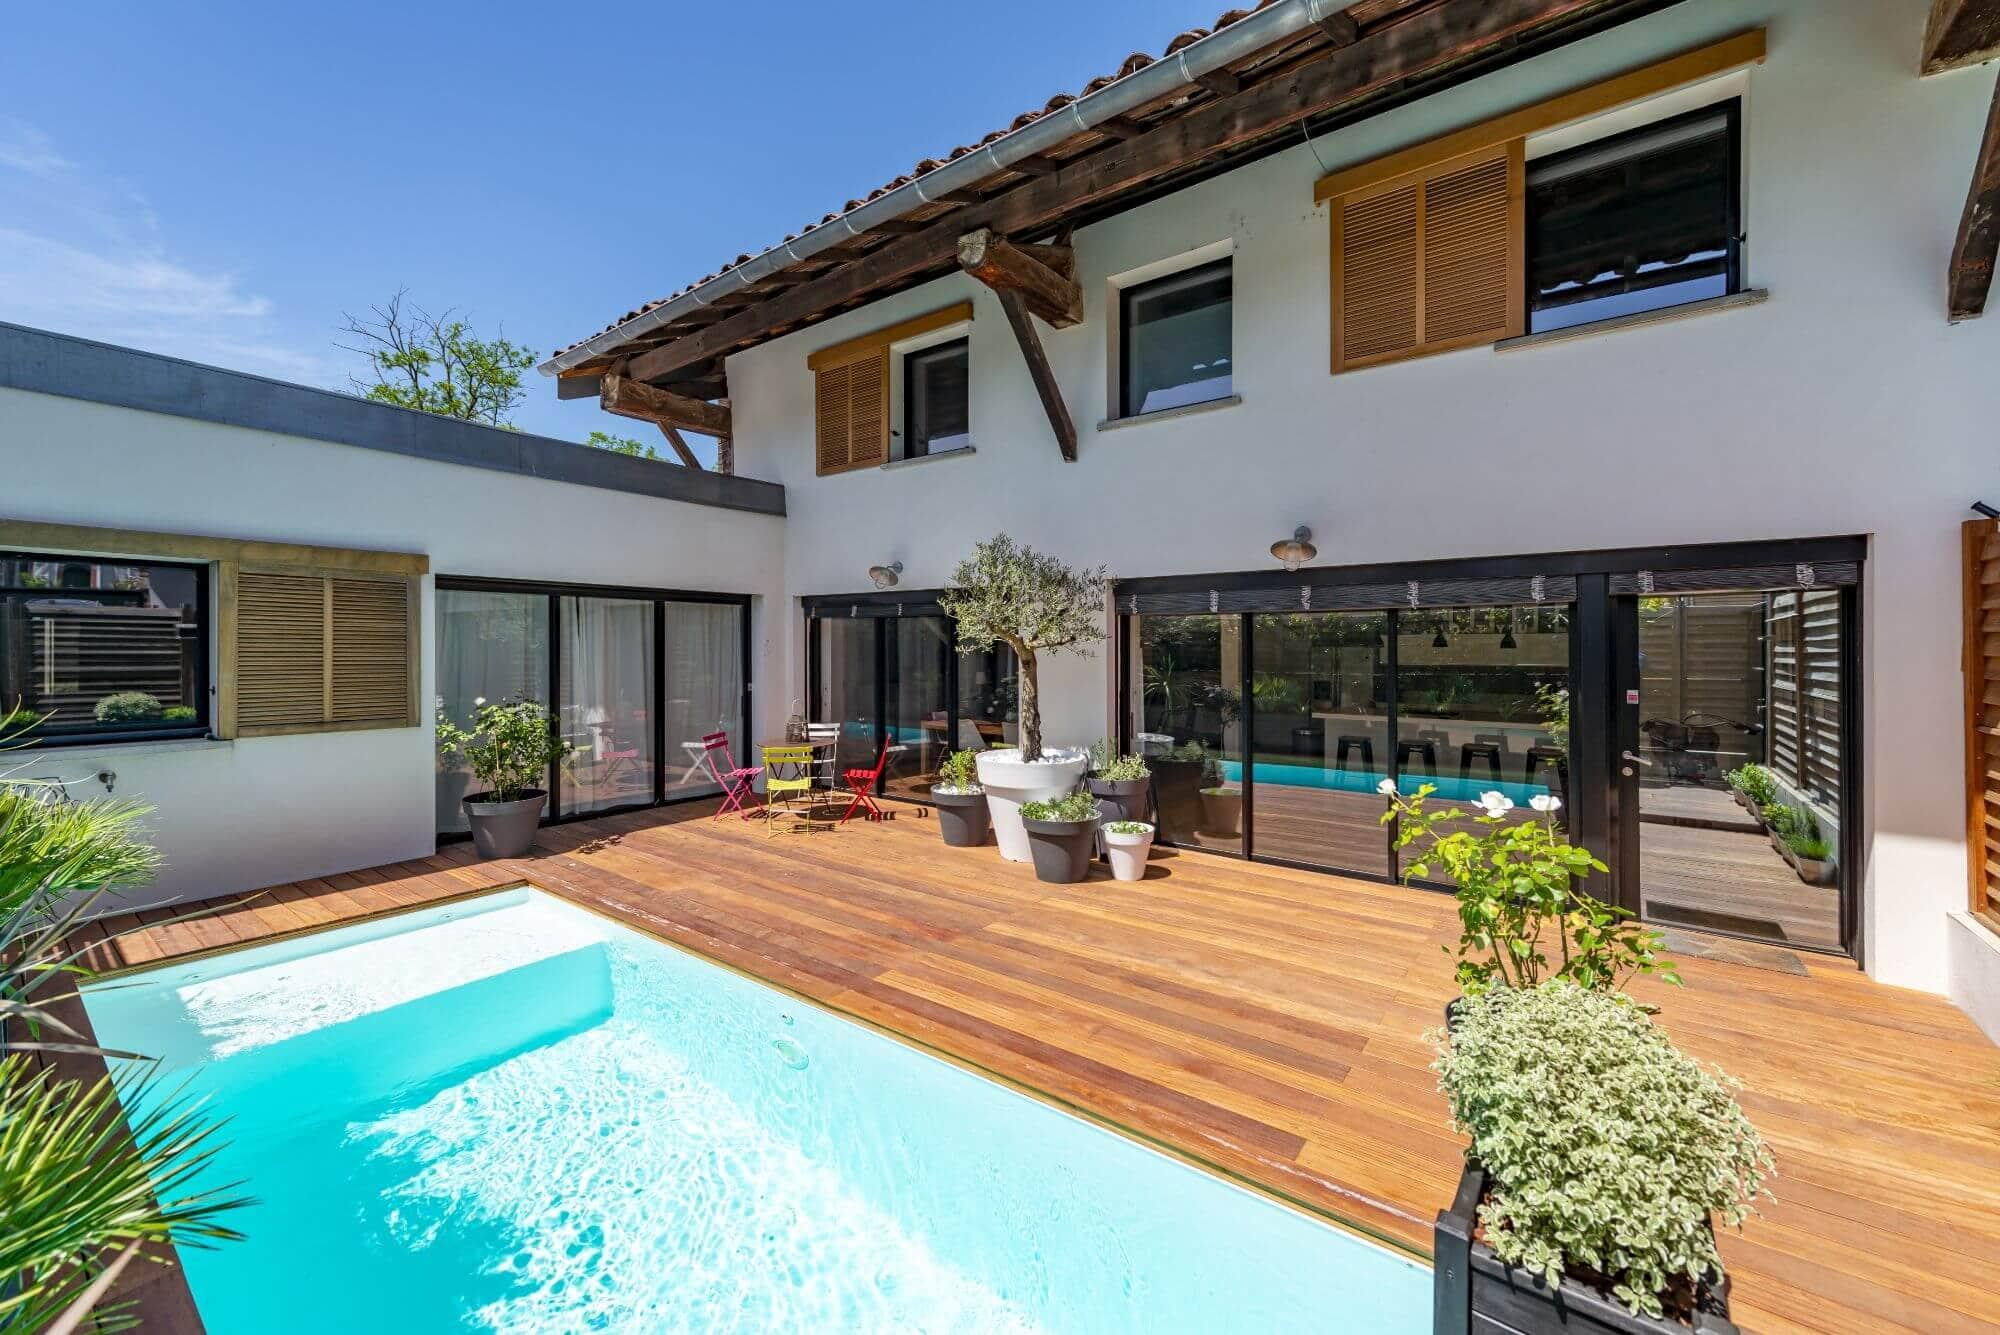 Maison Renovée, Quartier Cote Pavee, Piscine, Terrasse